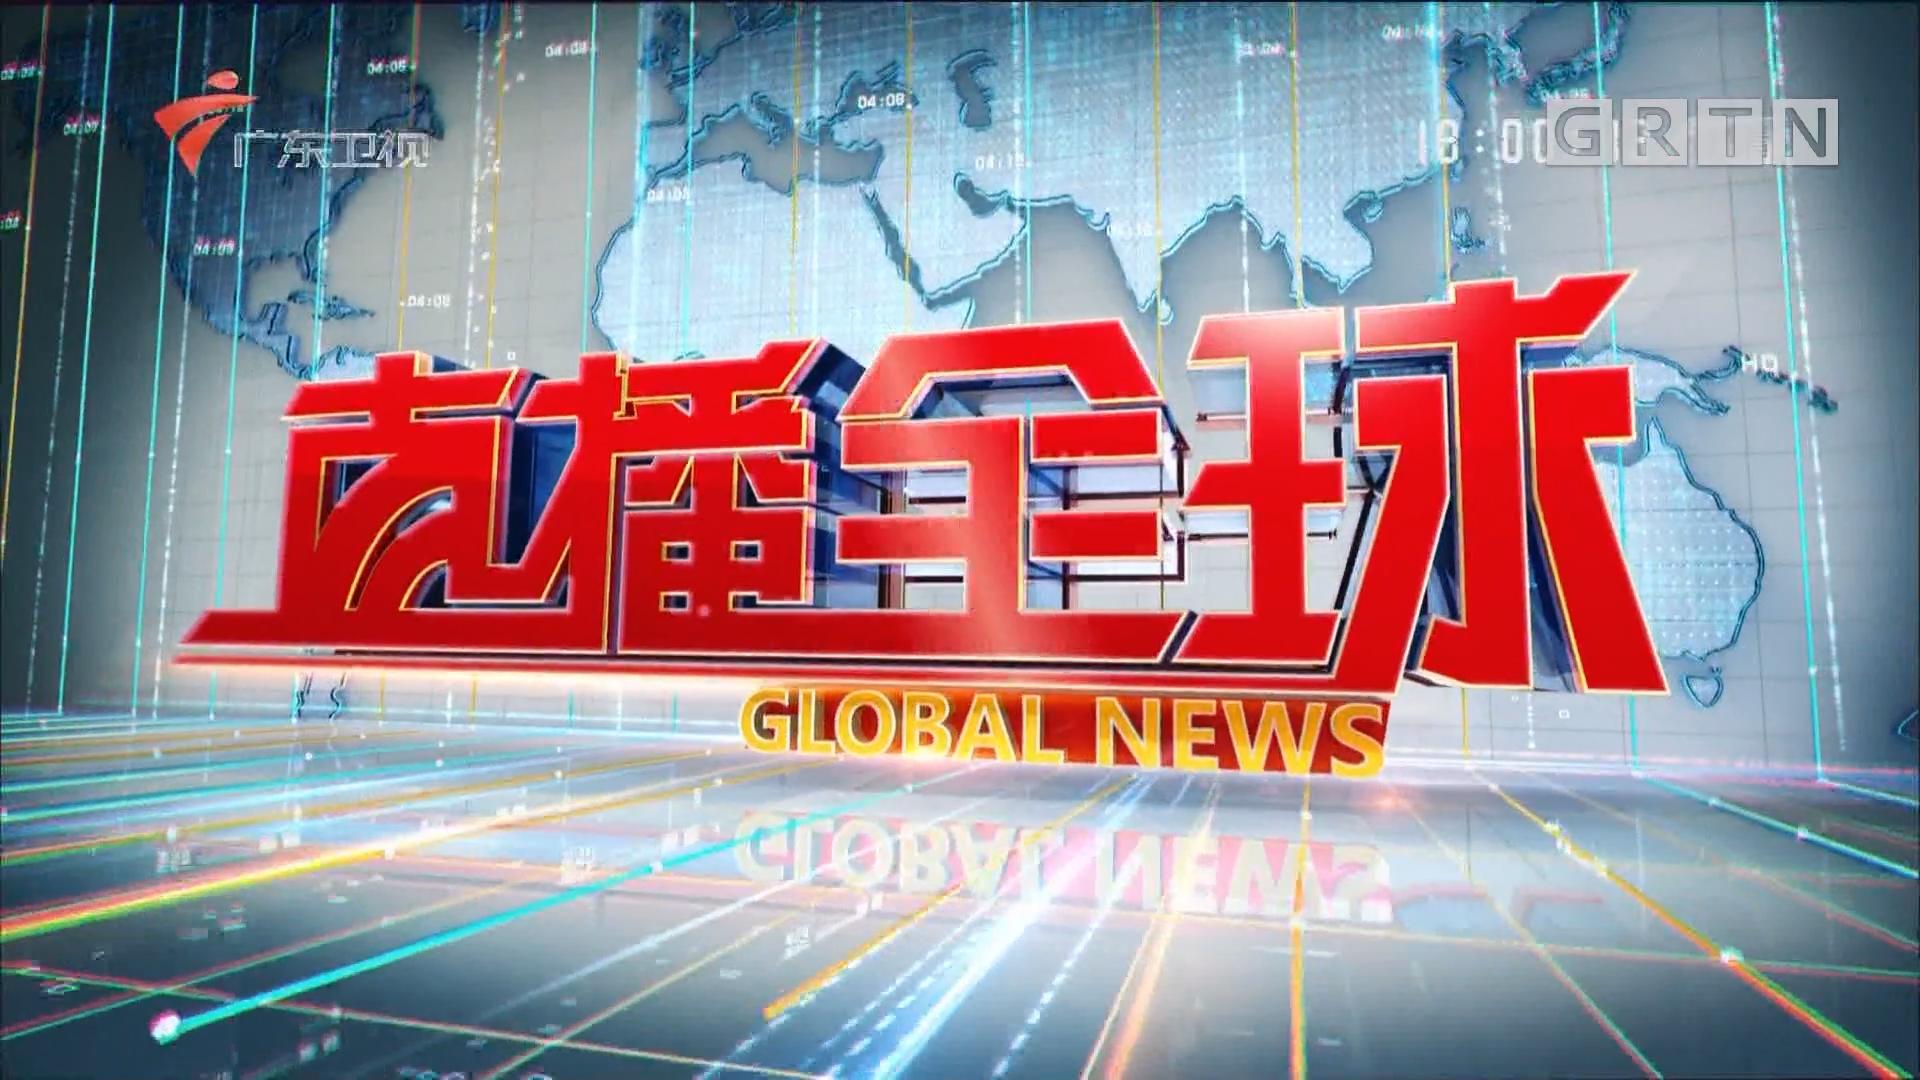 [HD][2019-05-06]直播全球:深圳盐田:港以城兴 绿色崛起 创造世界港口业务增长史奇迹